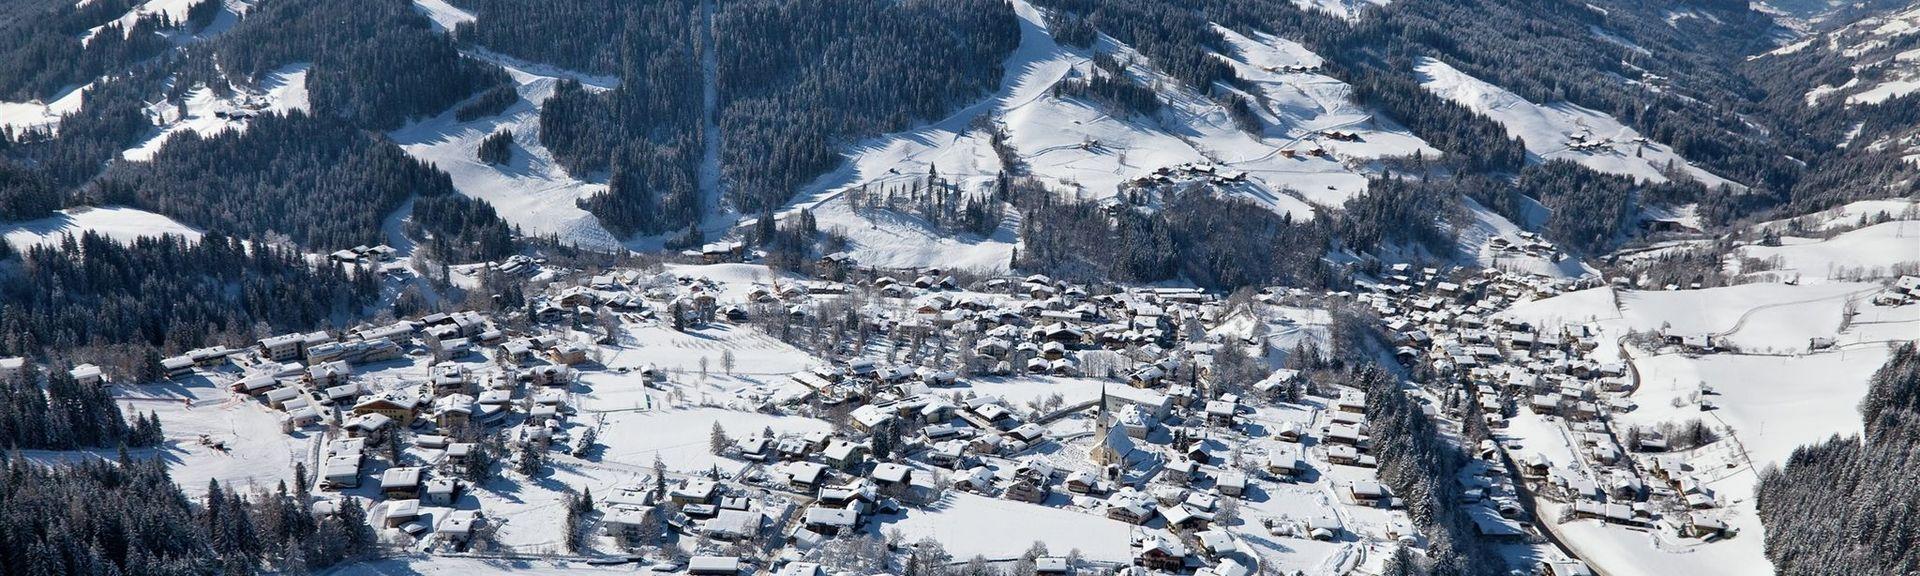 Pichl, Ennstal, Austria